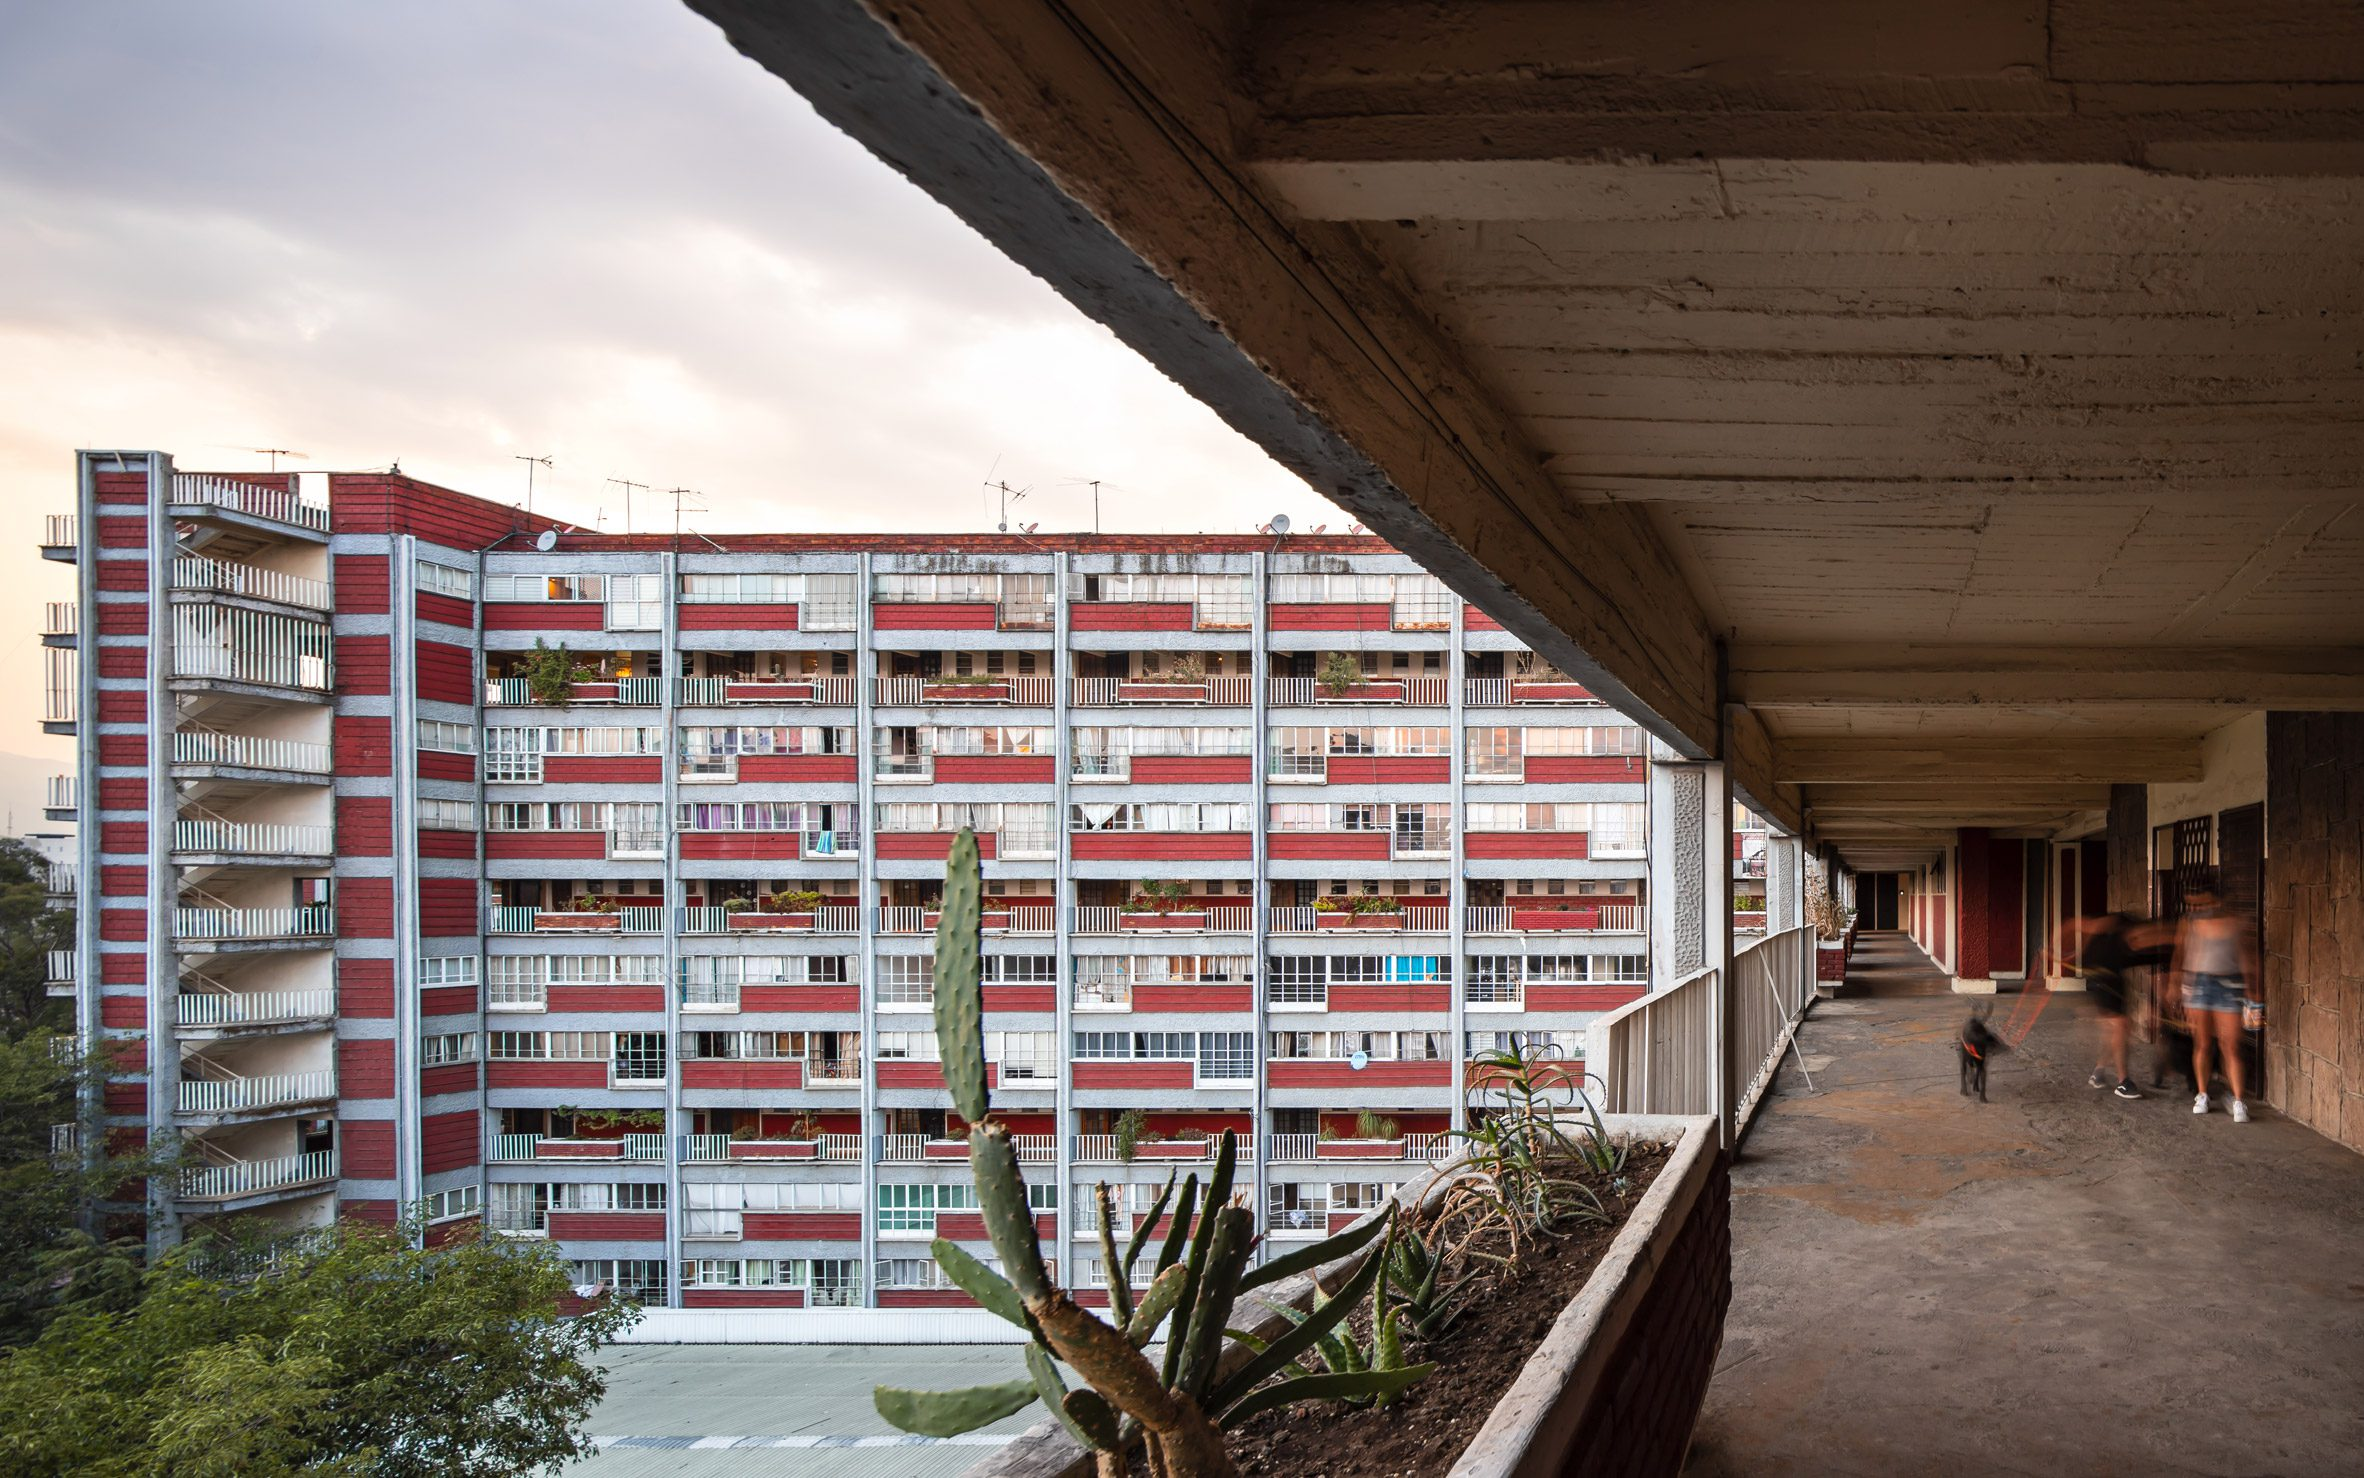 A 1940s housing complex